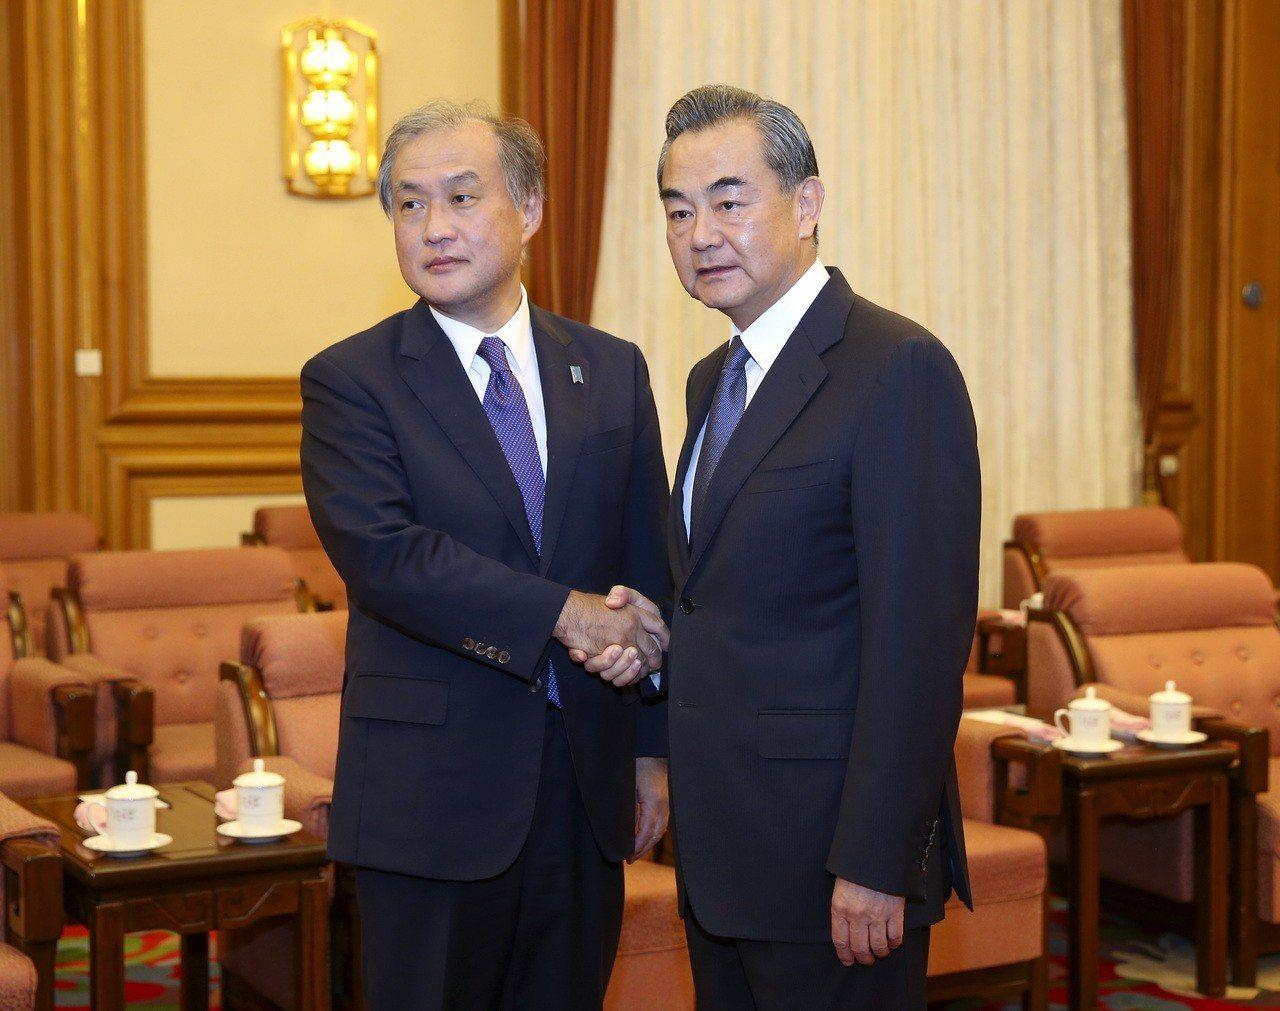 8月29日中國國務委員兼外交部長王毅在北京會見來訪的日本外務事務次官秋葉剛男。 ...